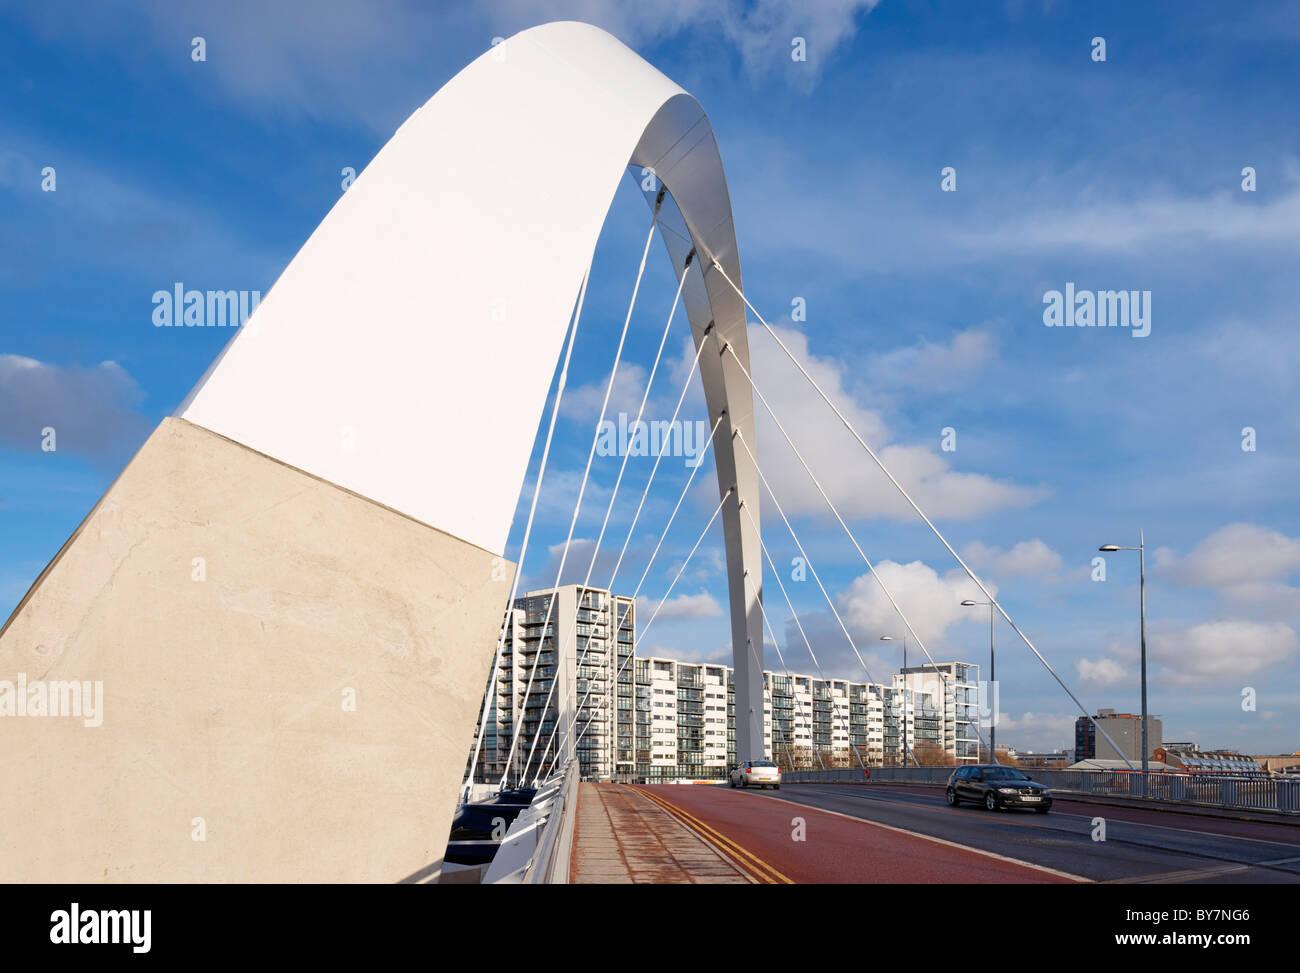 Il Clyde Arc ponte che attraversa il fiume Clyde e l'India Quay Edificio, Glasgow, Scotland, Regno Unito. Foto Stock